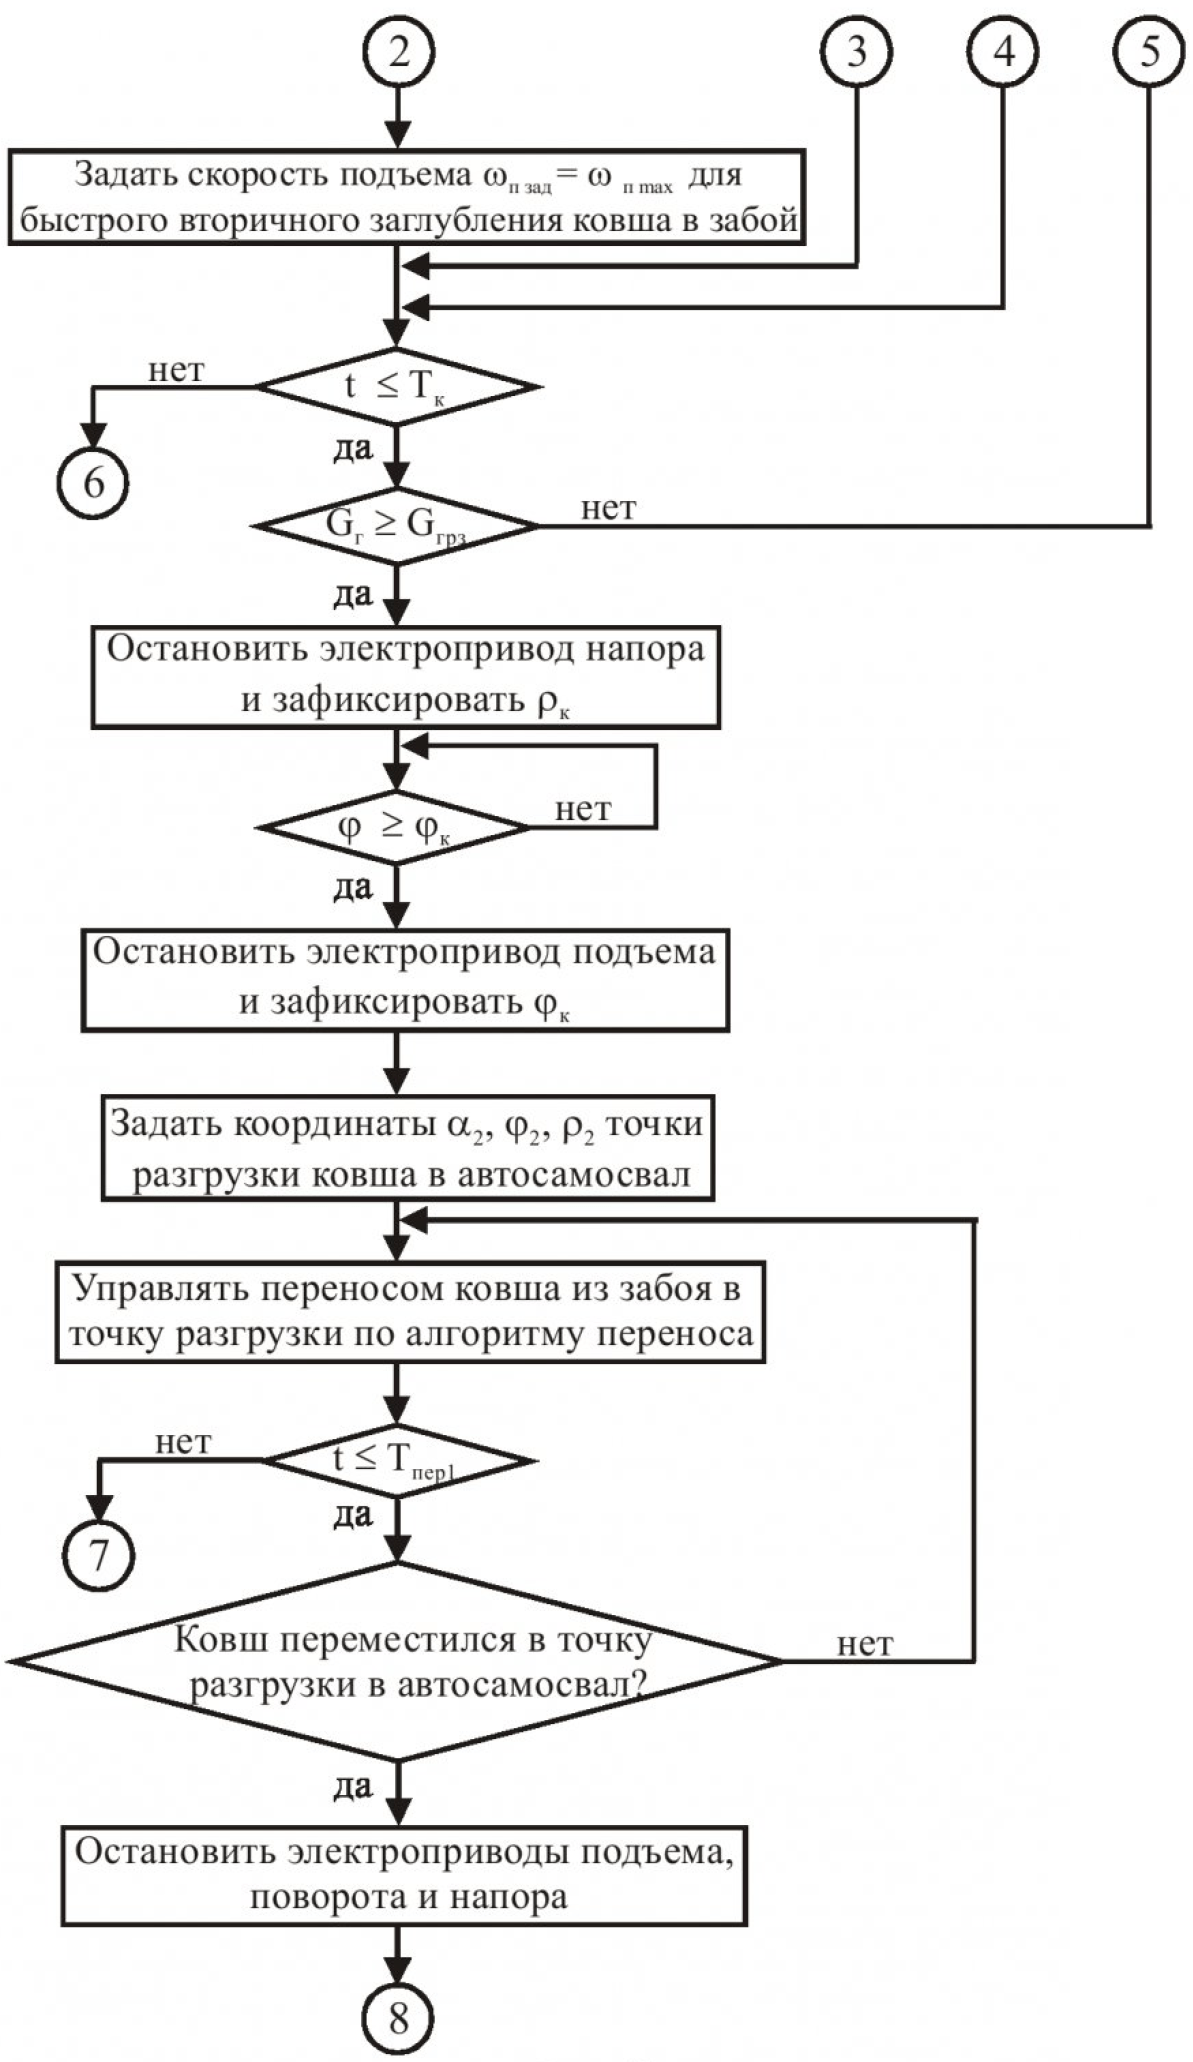 Принципы автоматизированного управления одноковшовым карьерным экскаватором и функциональное диагностирование его электроприводов на основе компьютерных технологий 3